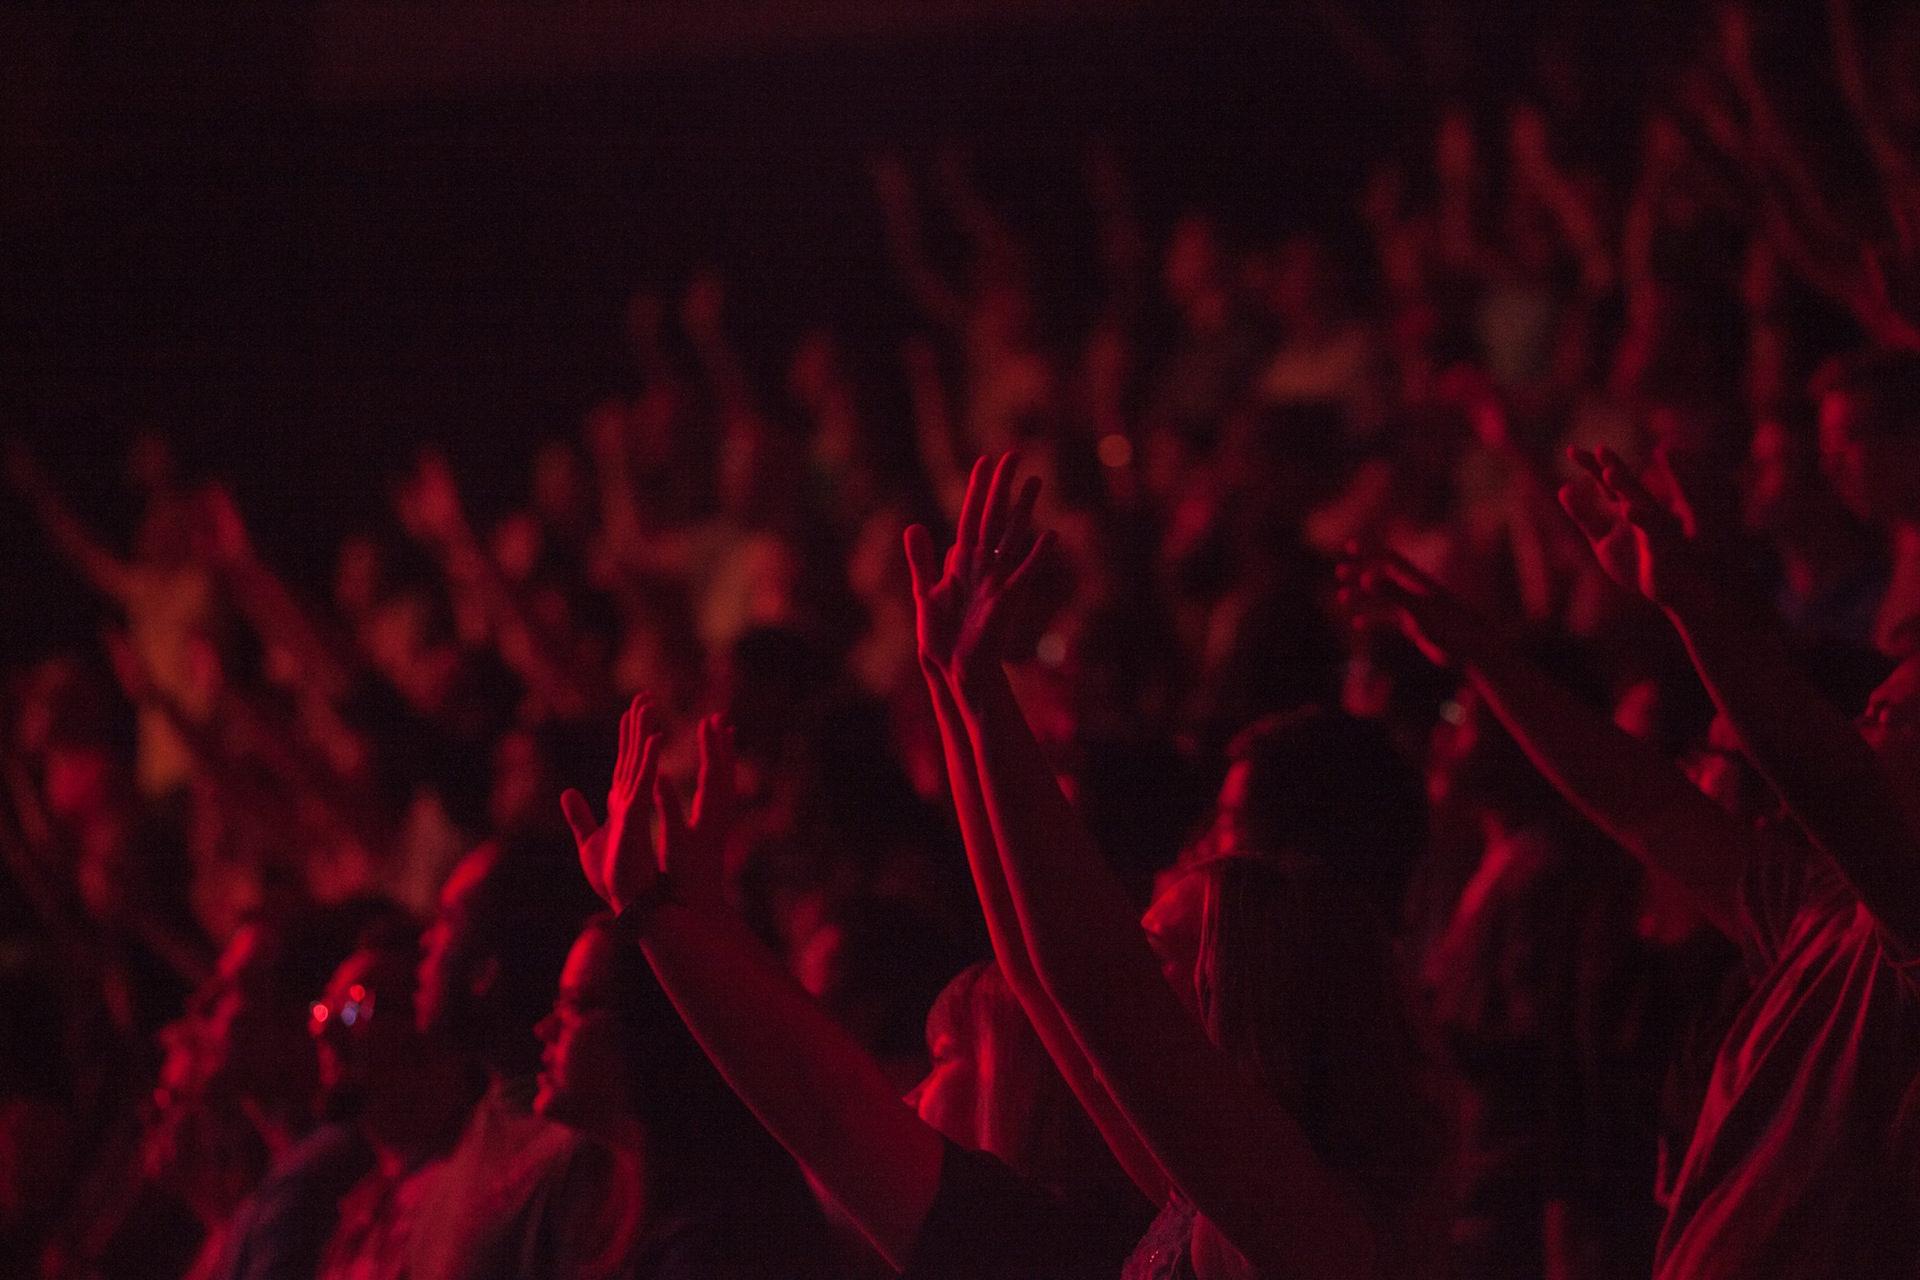 συναυλία, μουσική, Εμφάνιση, espectadores, Κόκκινο - Wallpapers HD - Professor-falken.com